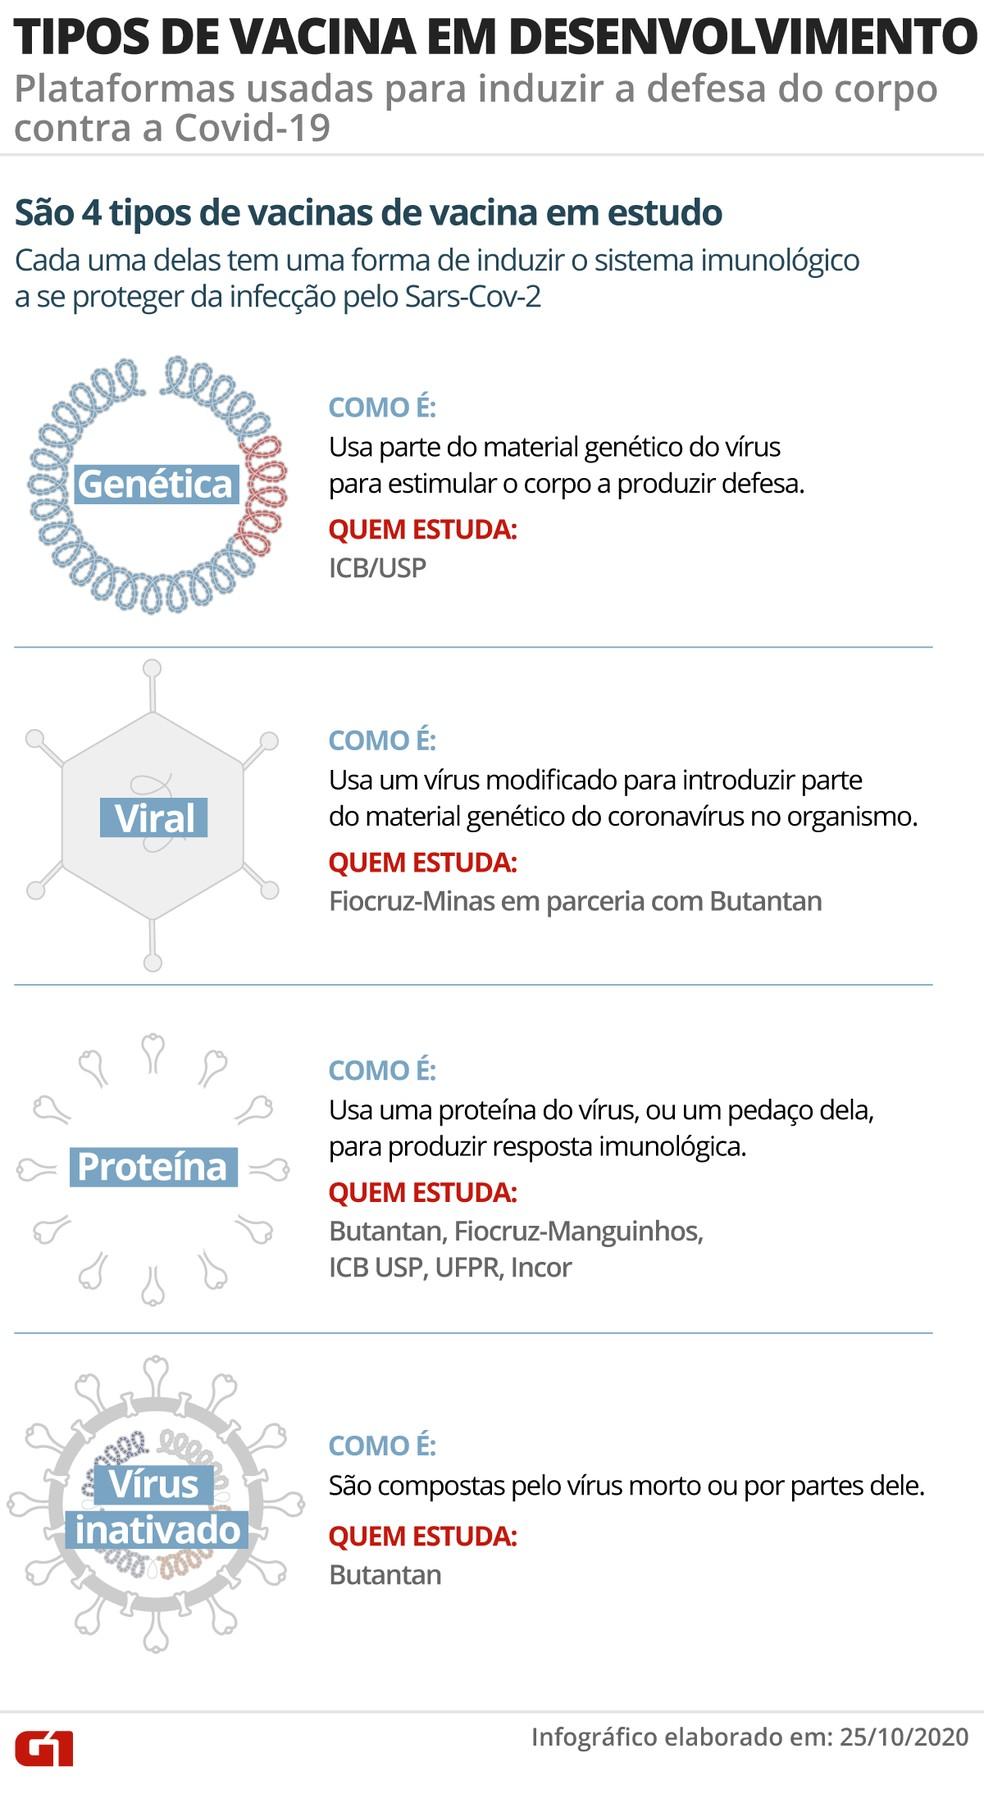 Infográfico mostra quatro plataformas de desenvolvimento de vacinas e quais institutos brasileiros trabalham em quais propostas — Foto: Guilherme Luiz Pinheiro/G1